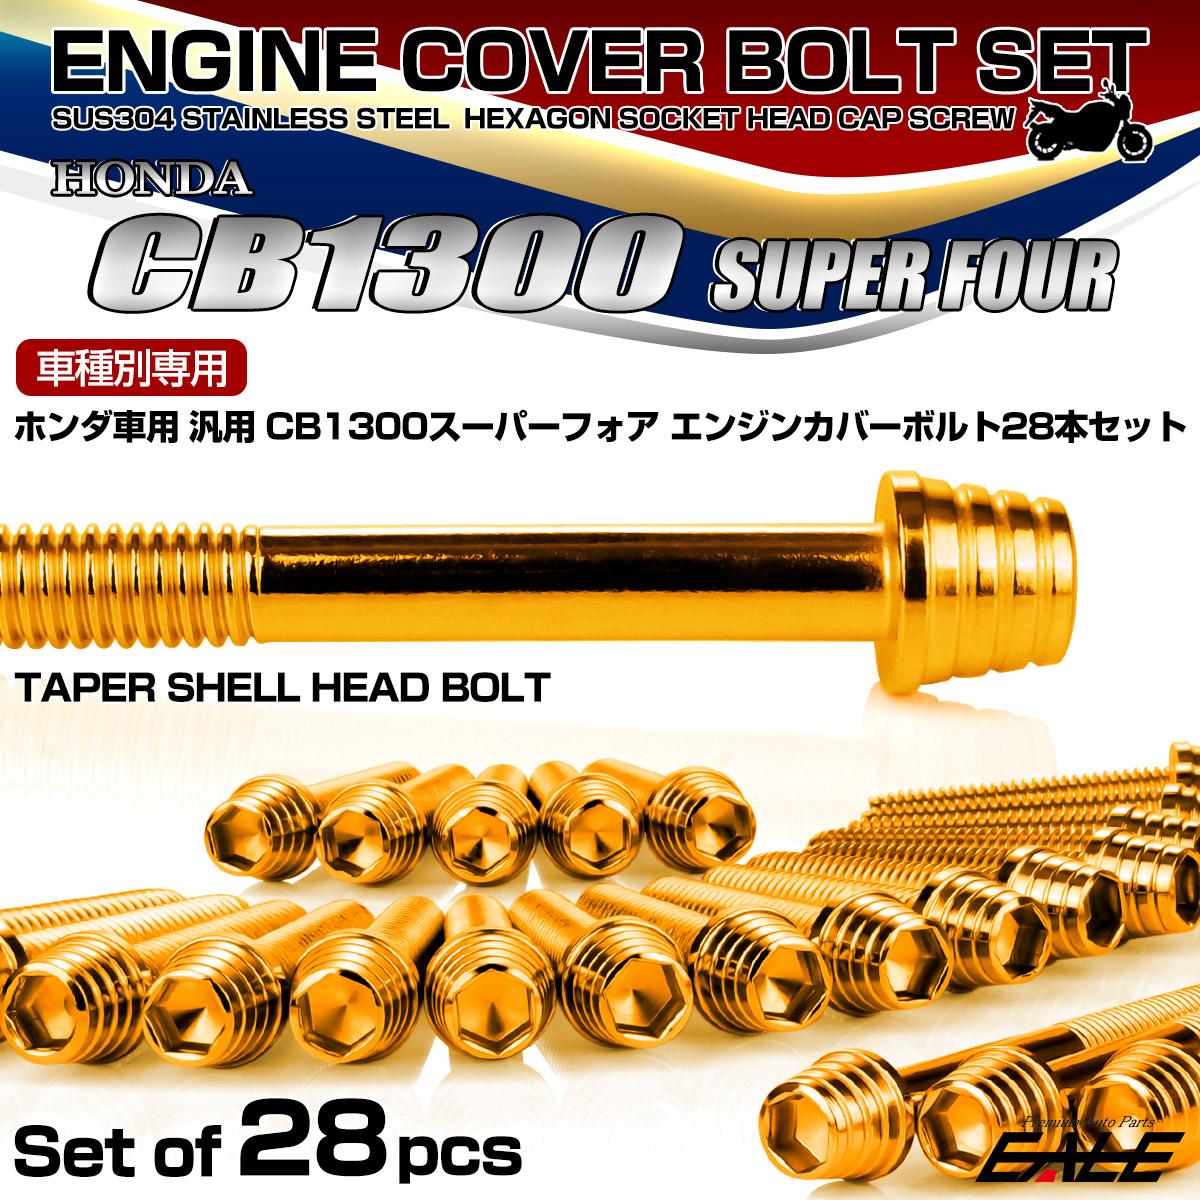 CB1300SF エンジンカバーボルトセット 28本 ホンダ車用 スーパーフォア テーパーシェルヘッド ゴールド TB6277